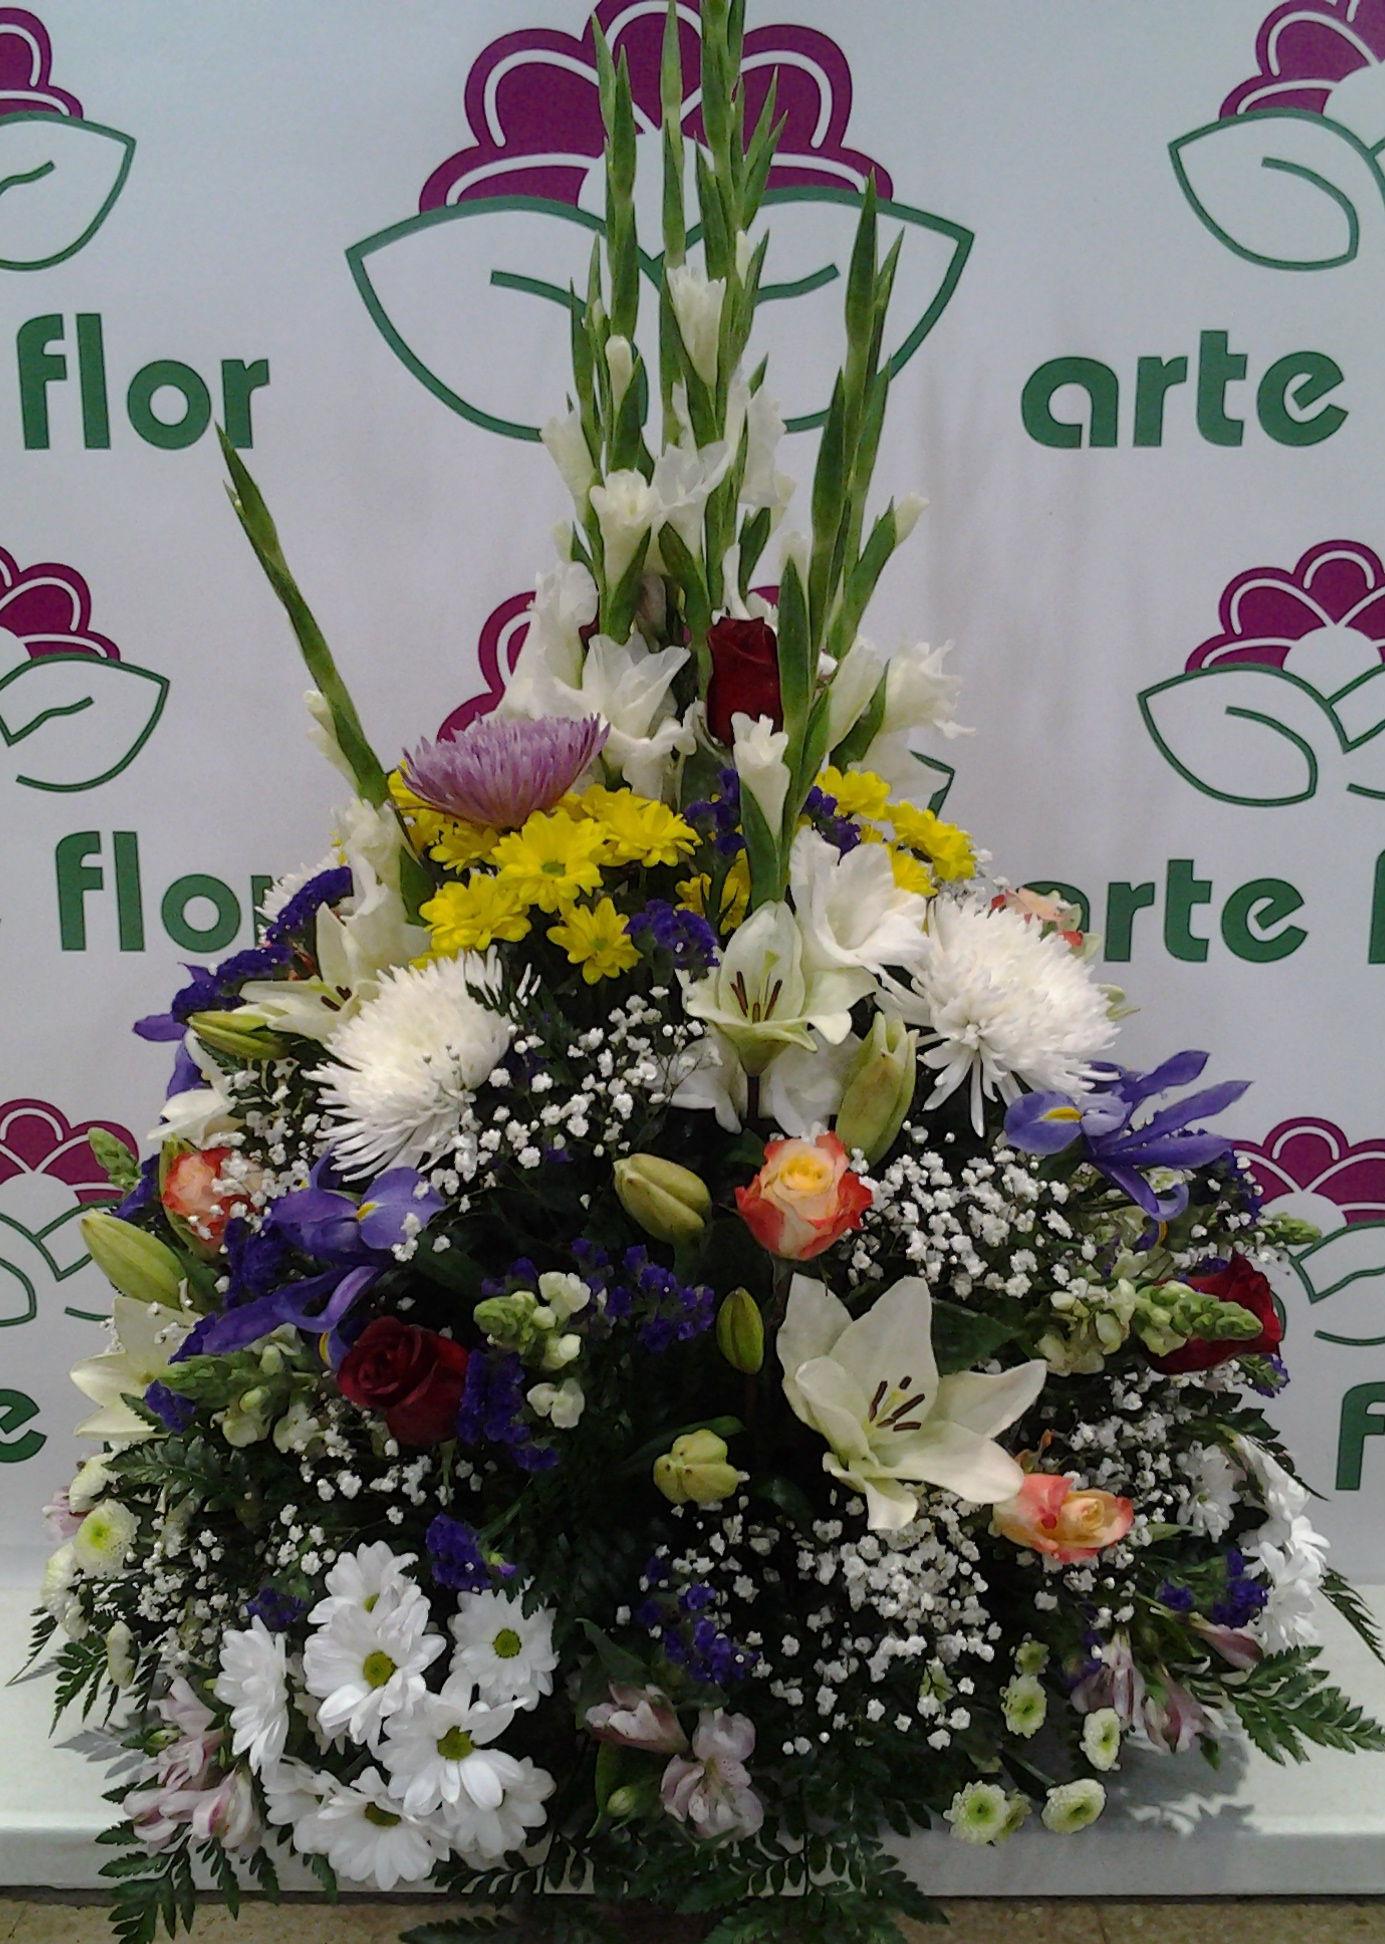 Centro redondo de flor variada: Servicios de Arte Flor